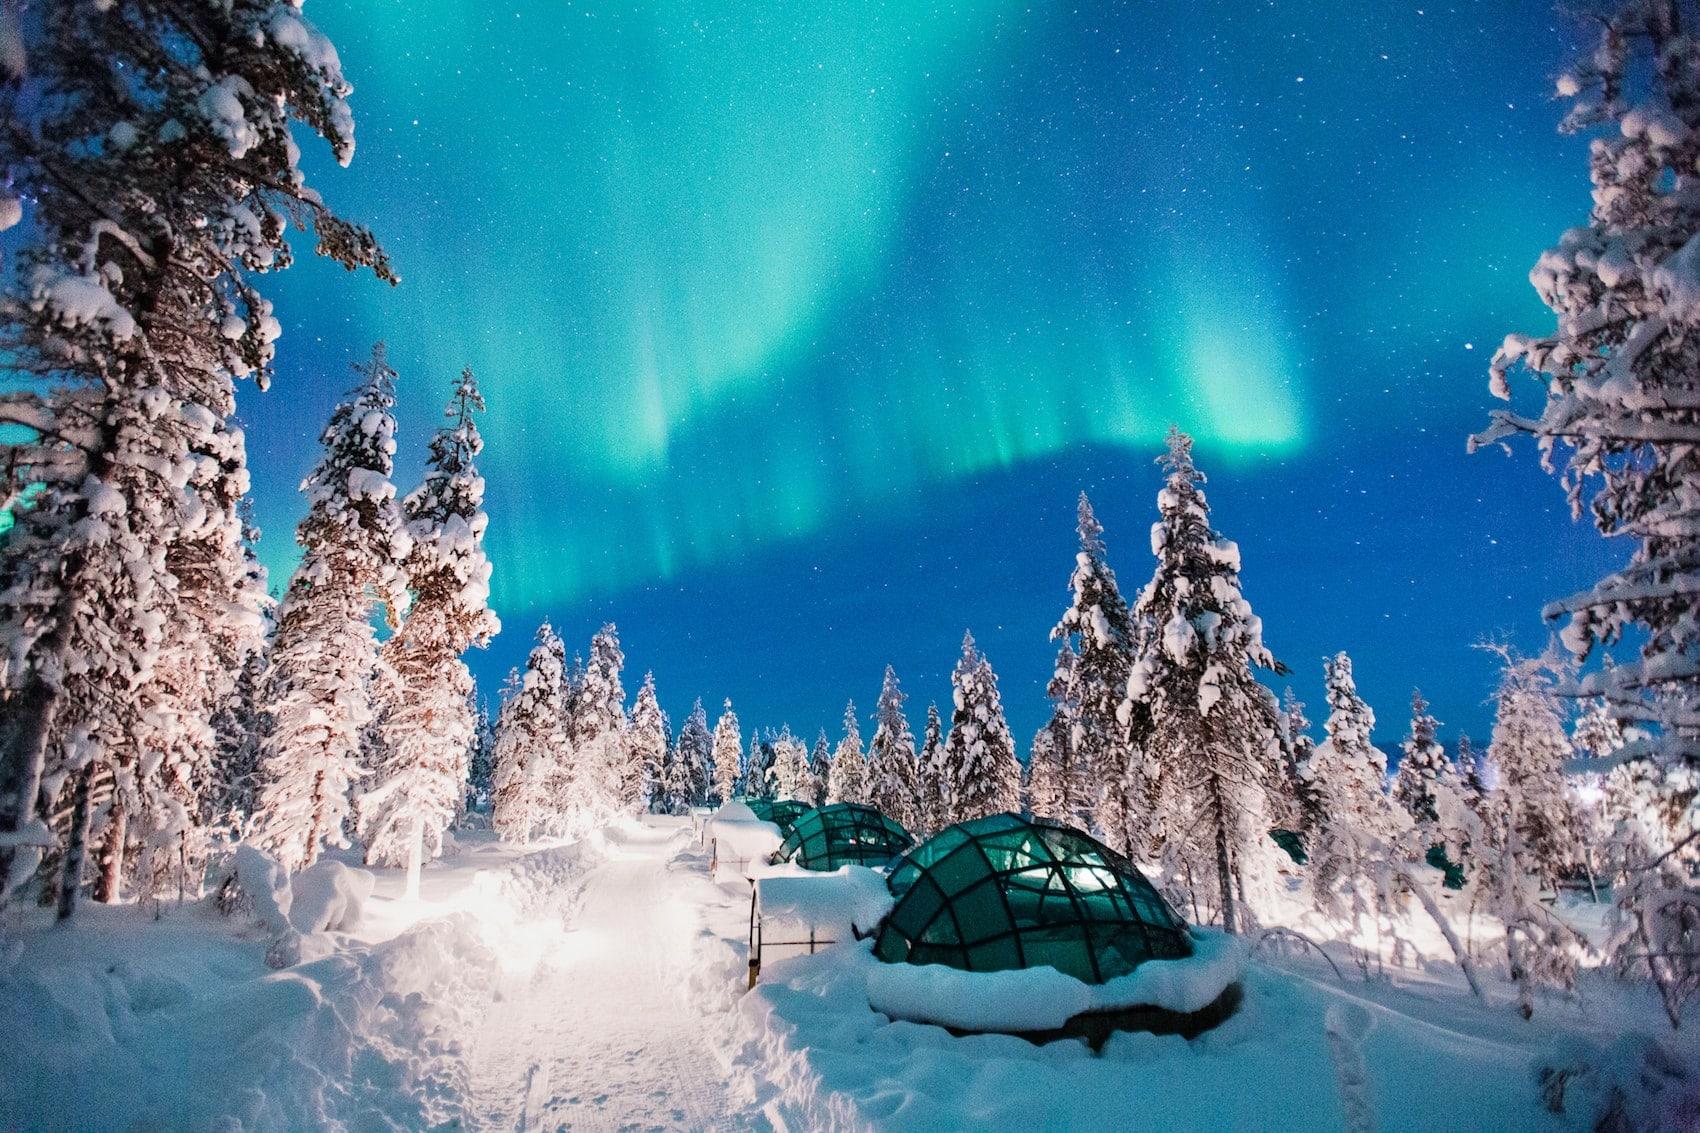 Ihr wollt Nordlichter sehen? In den Glasiglus von Kakslauttanen in Finnland stehen die Chancen gut!